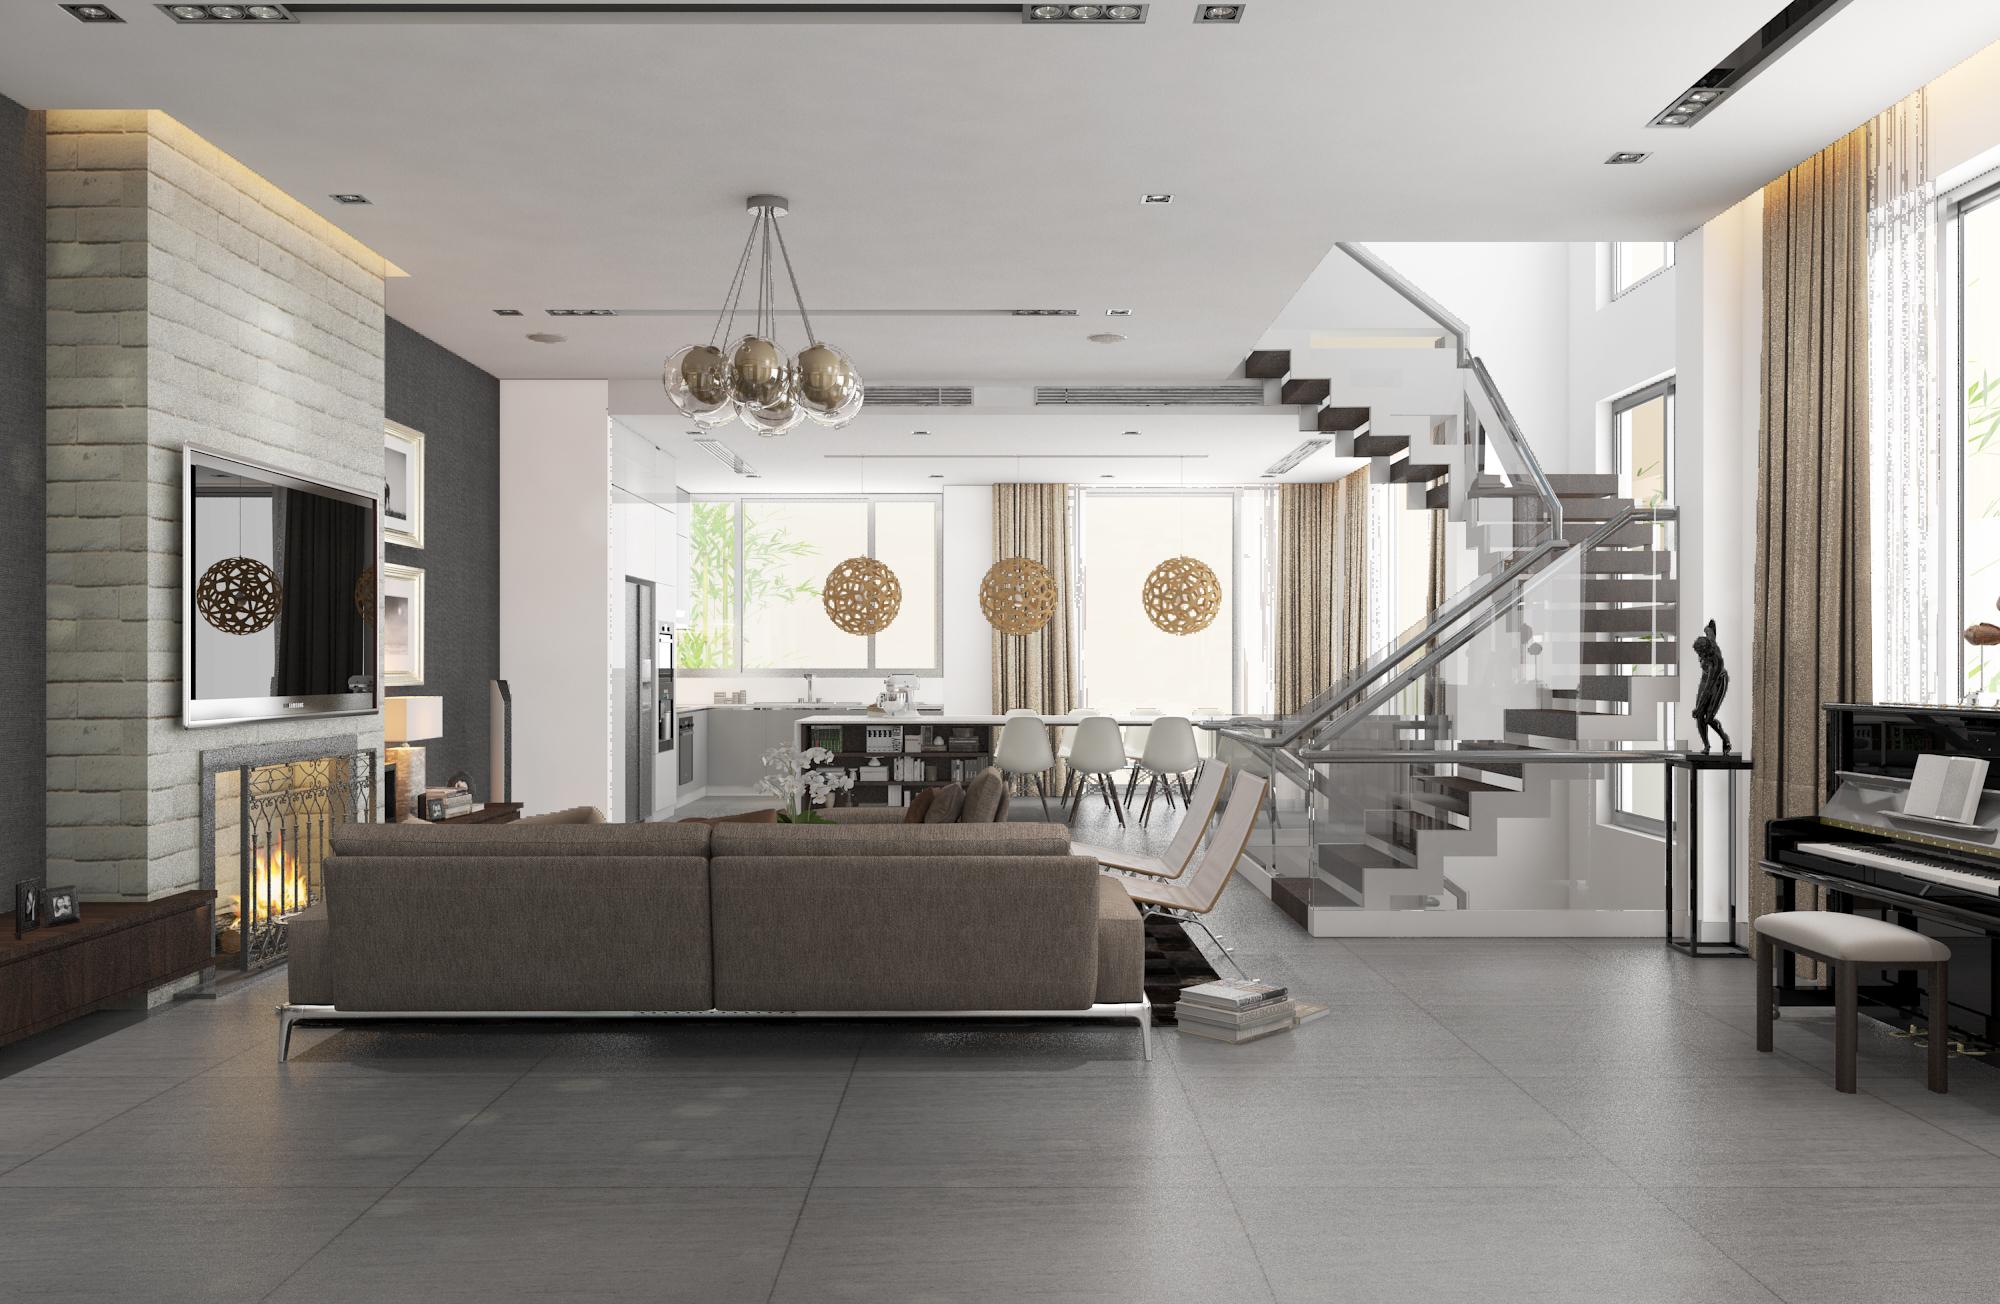 thiết kế nội thất Biệt Thự tại Hà Nội bt Vinhomes - riverside 16 1568085341